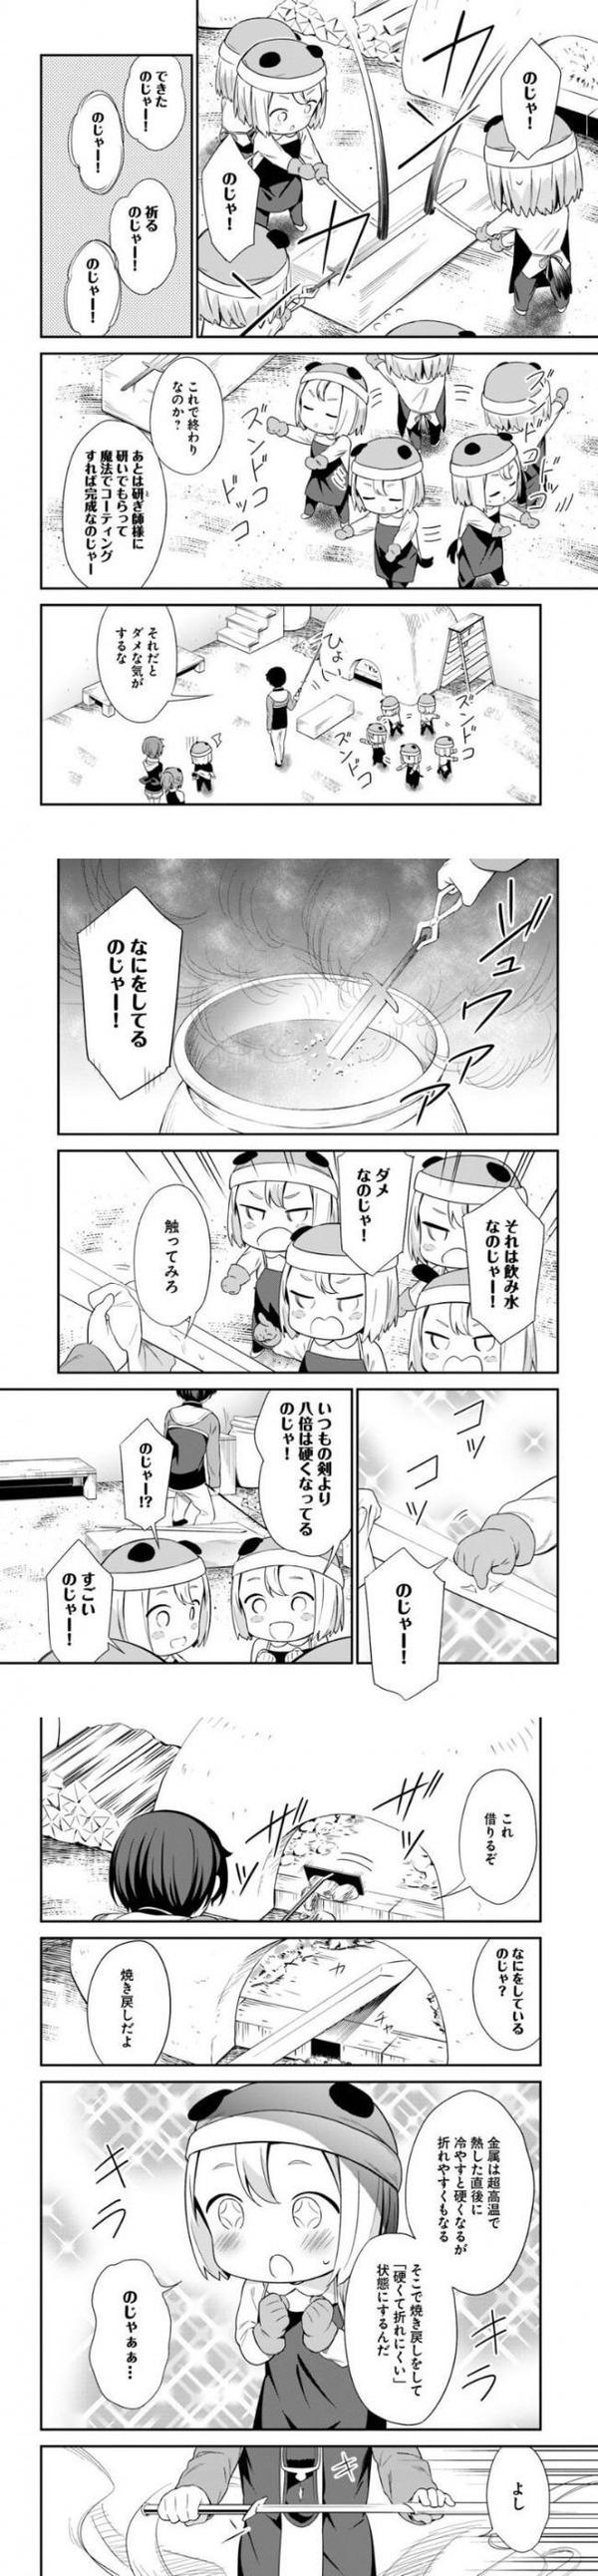 【朗報】ニチャアするなろう漫画、今度は剣を焼き戻ししてのじゃー!される